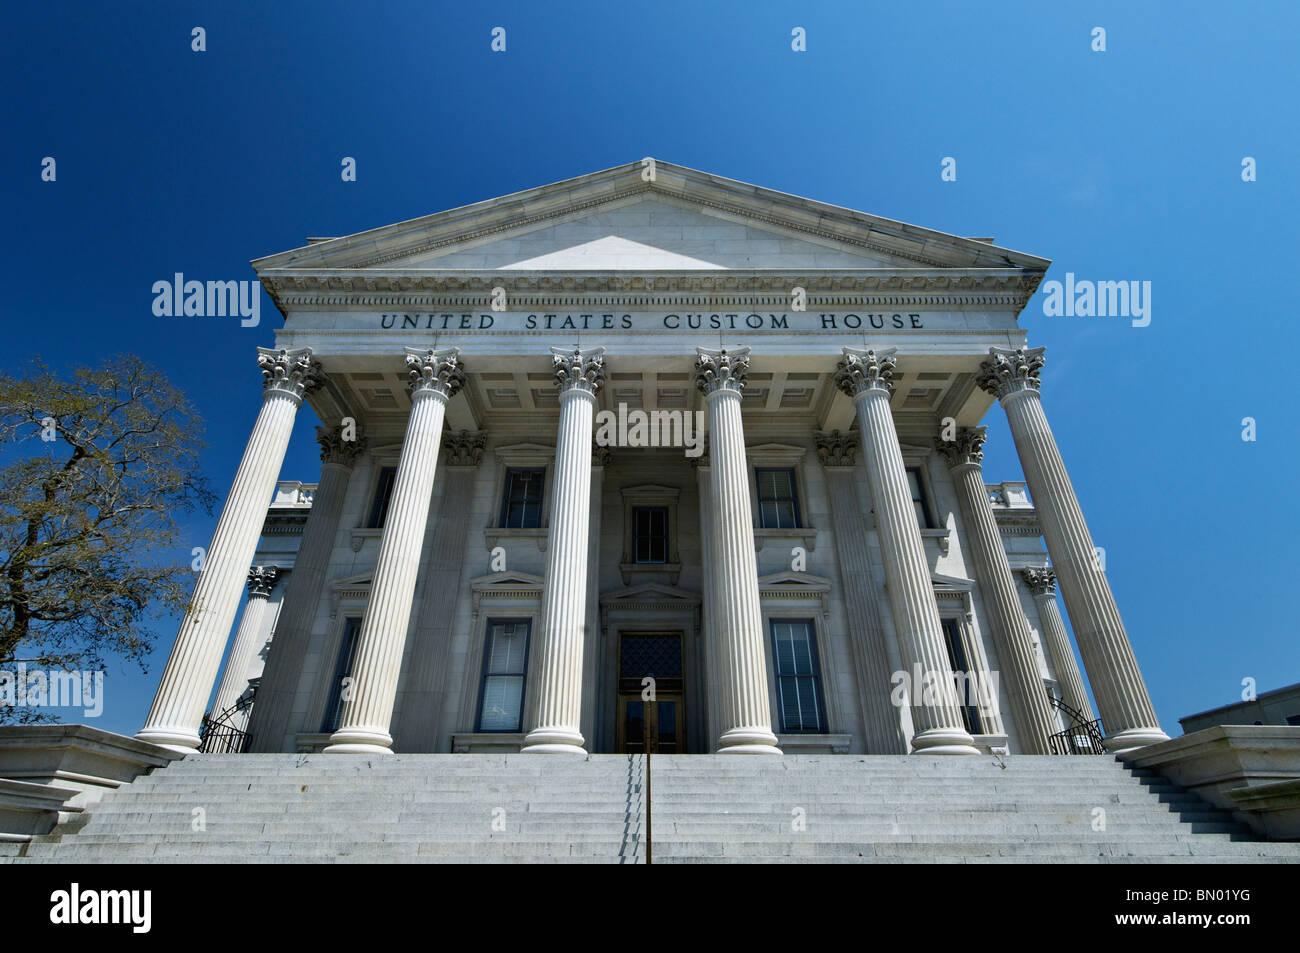 United States Custom House in Charleston, South Carolina - Stock Image